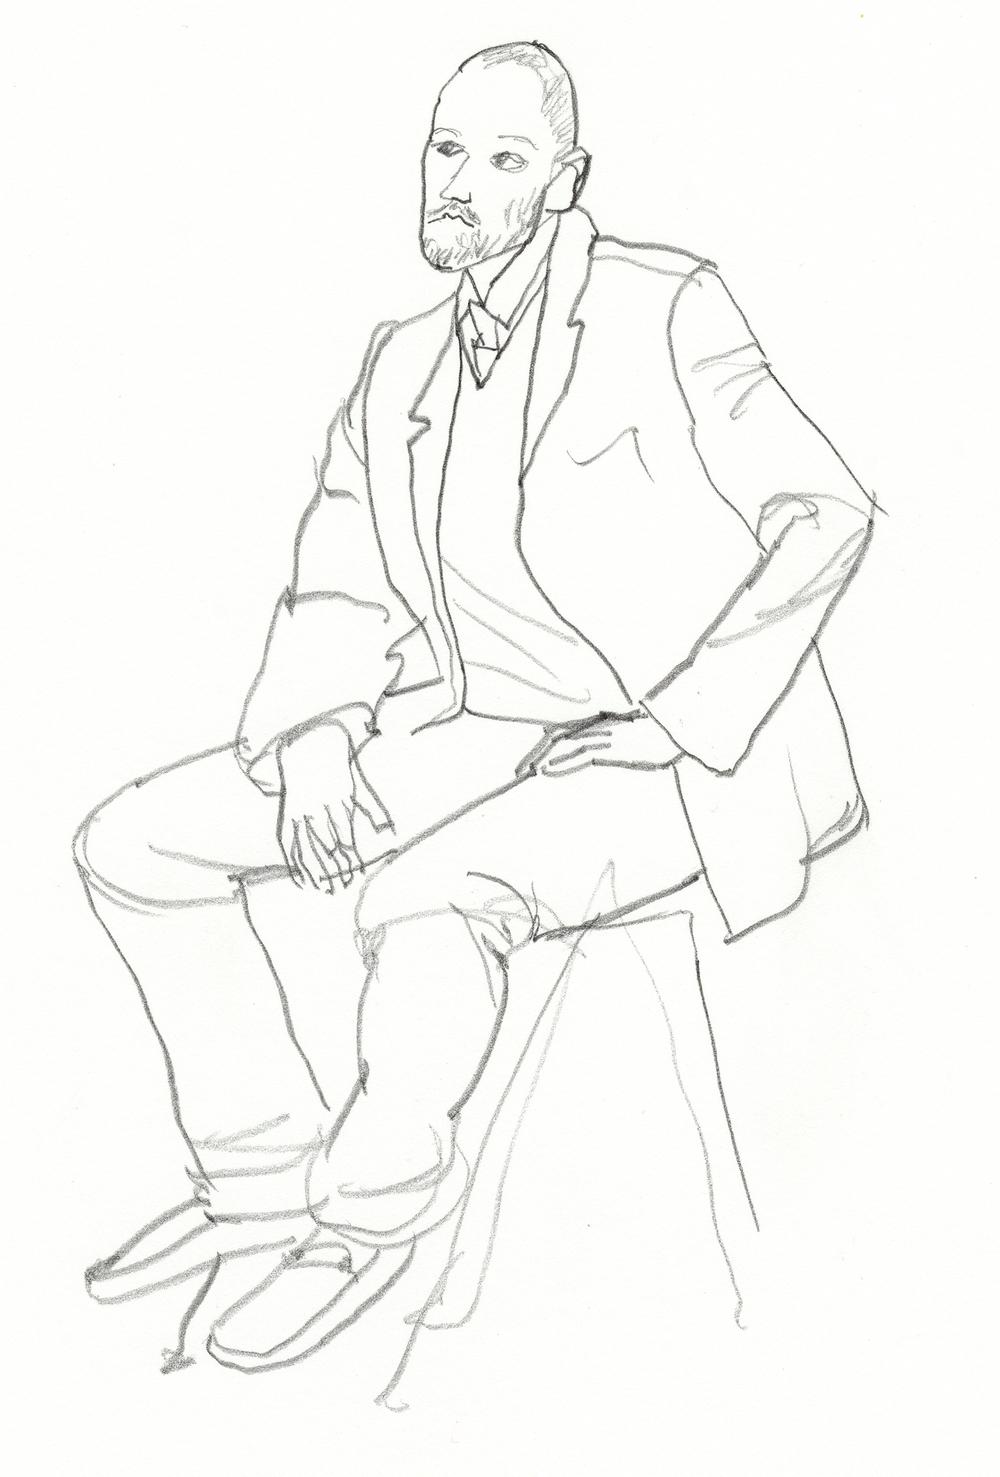 ryan sitting